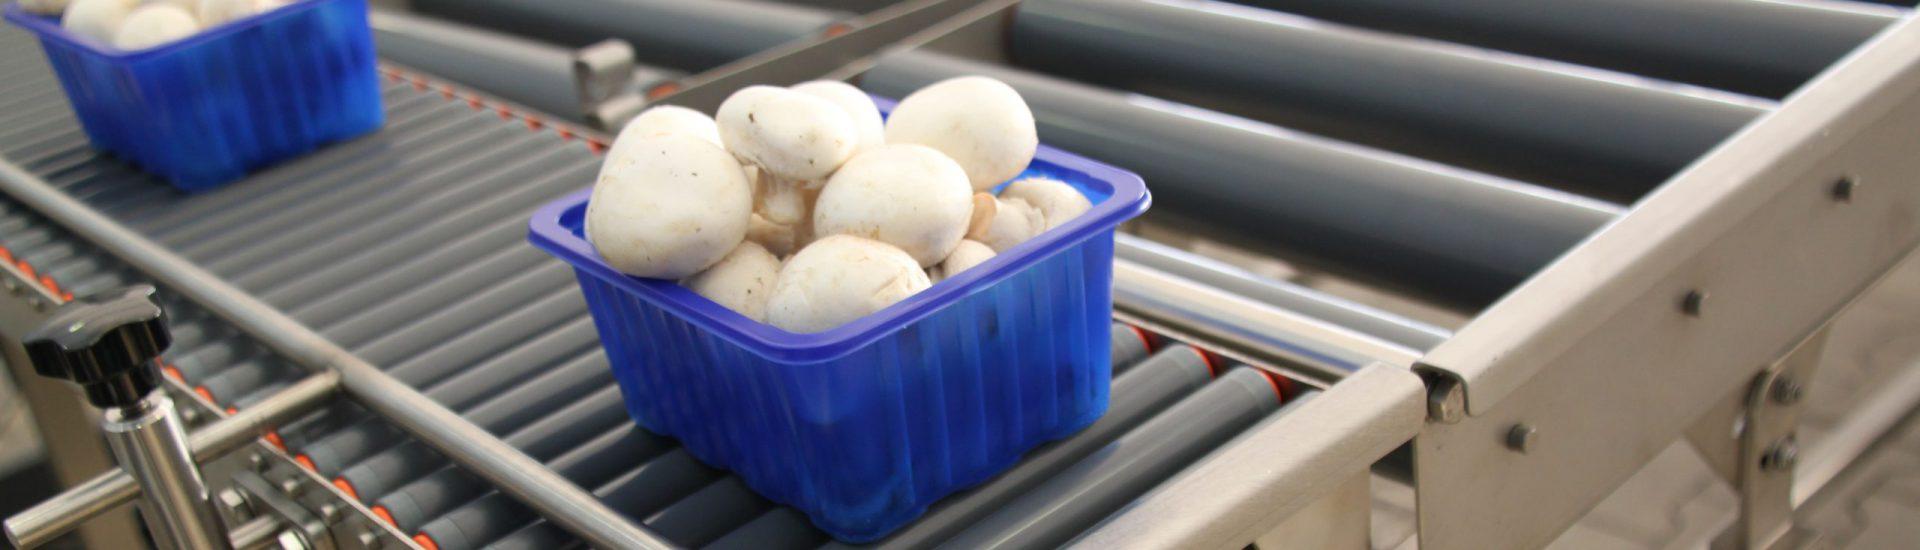 Bakje champignons op een rollenbaan